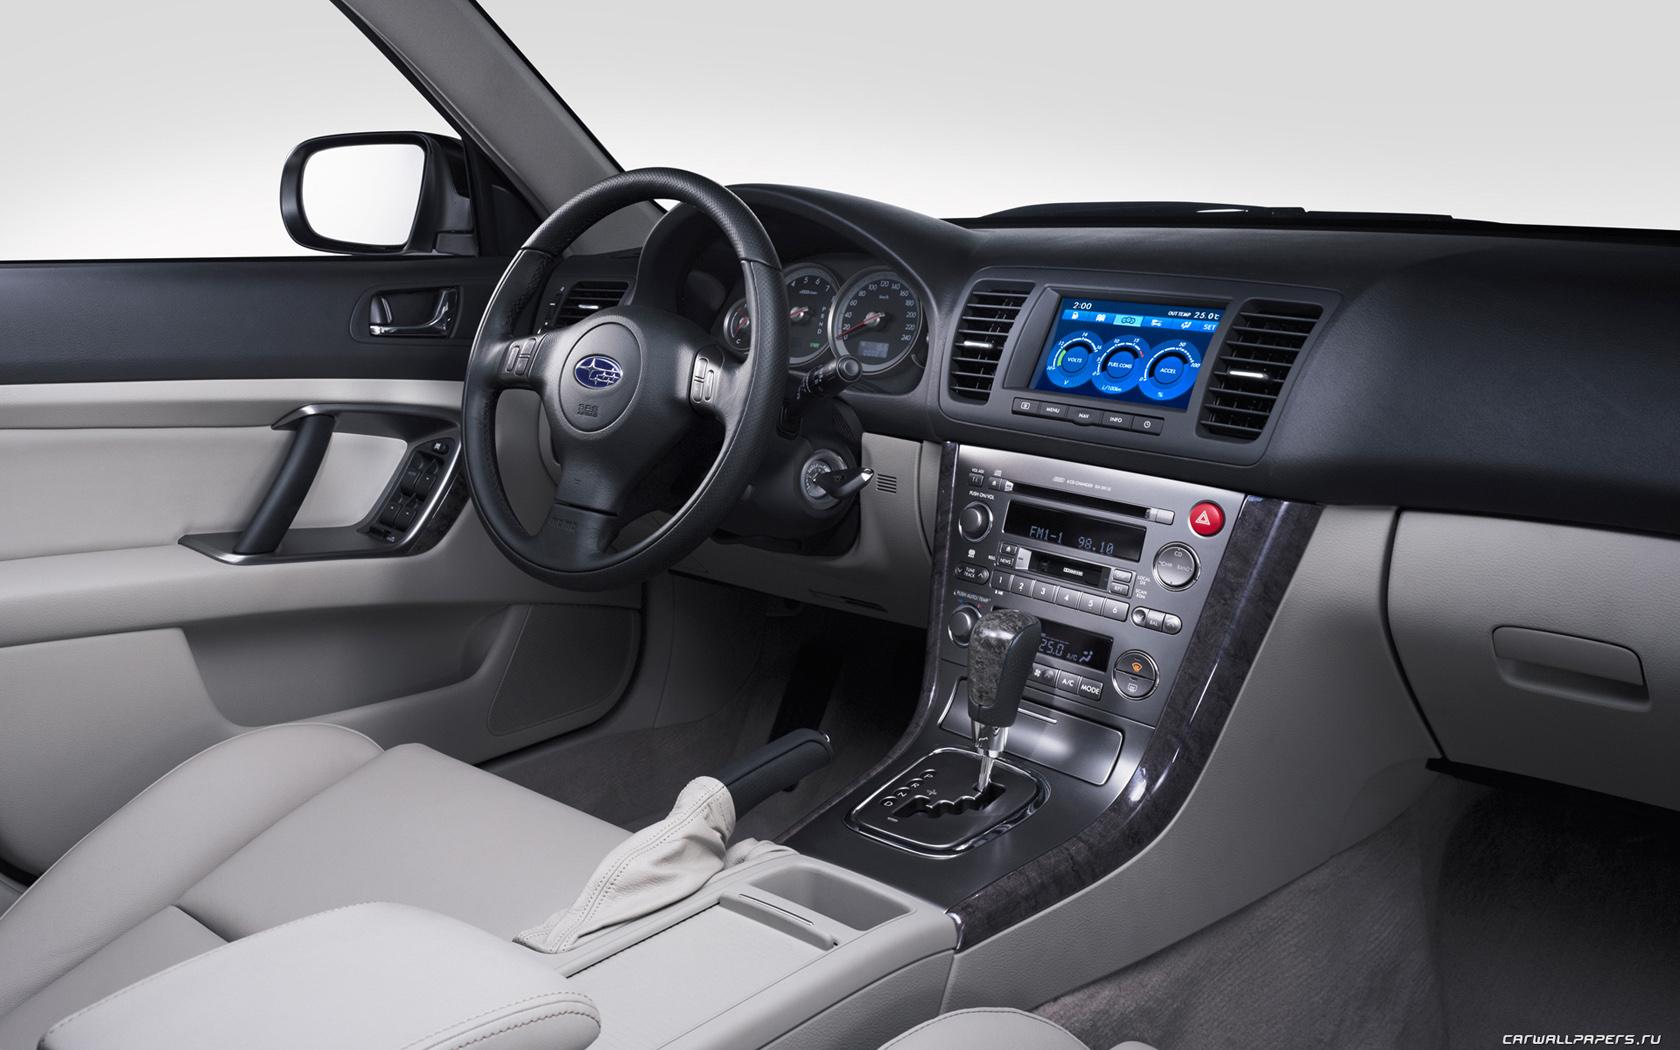 2004 Subaru Outback Image 20